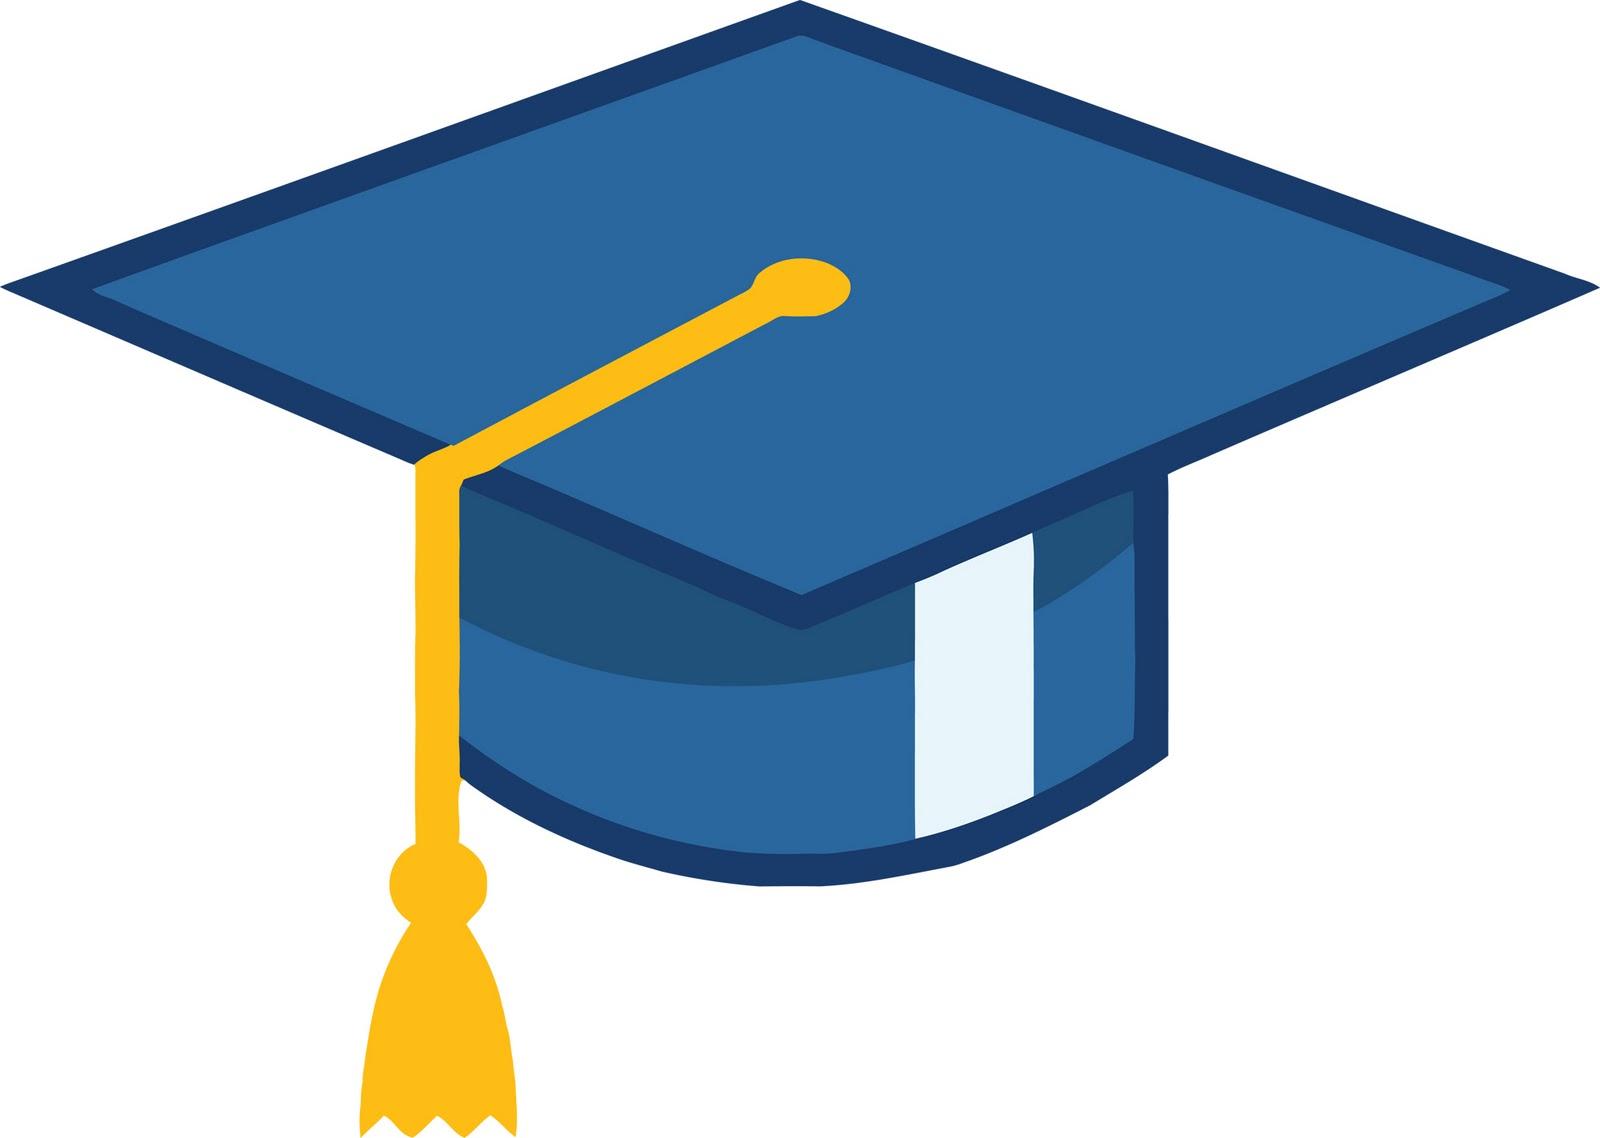 Graduation Cap Pics - Cliparts.co